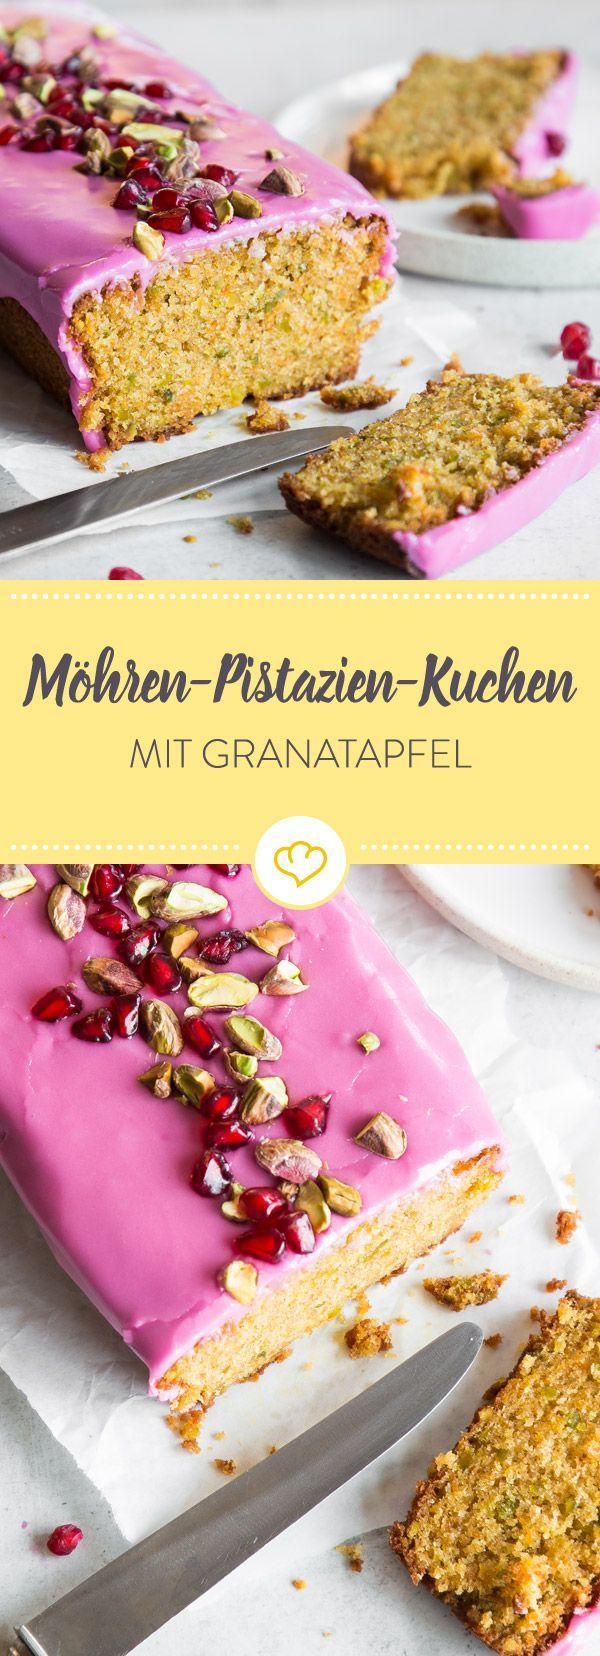 Hier ist keine Lebensmittelfarbe am Werk. Nur der süße Saft der Granatapfelkerne färbt die Glasur von deinem saftigen Kuchen so wunderbar pink.